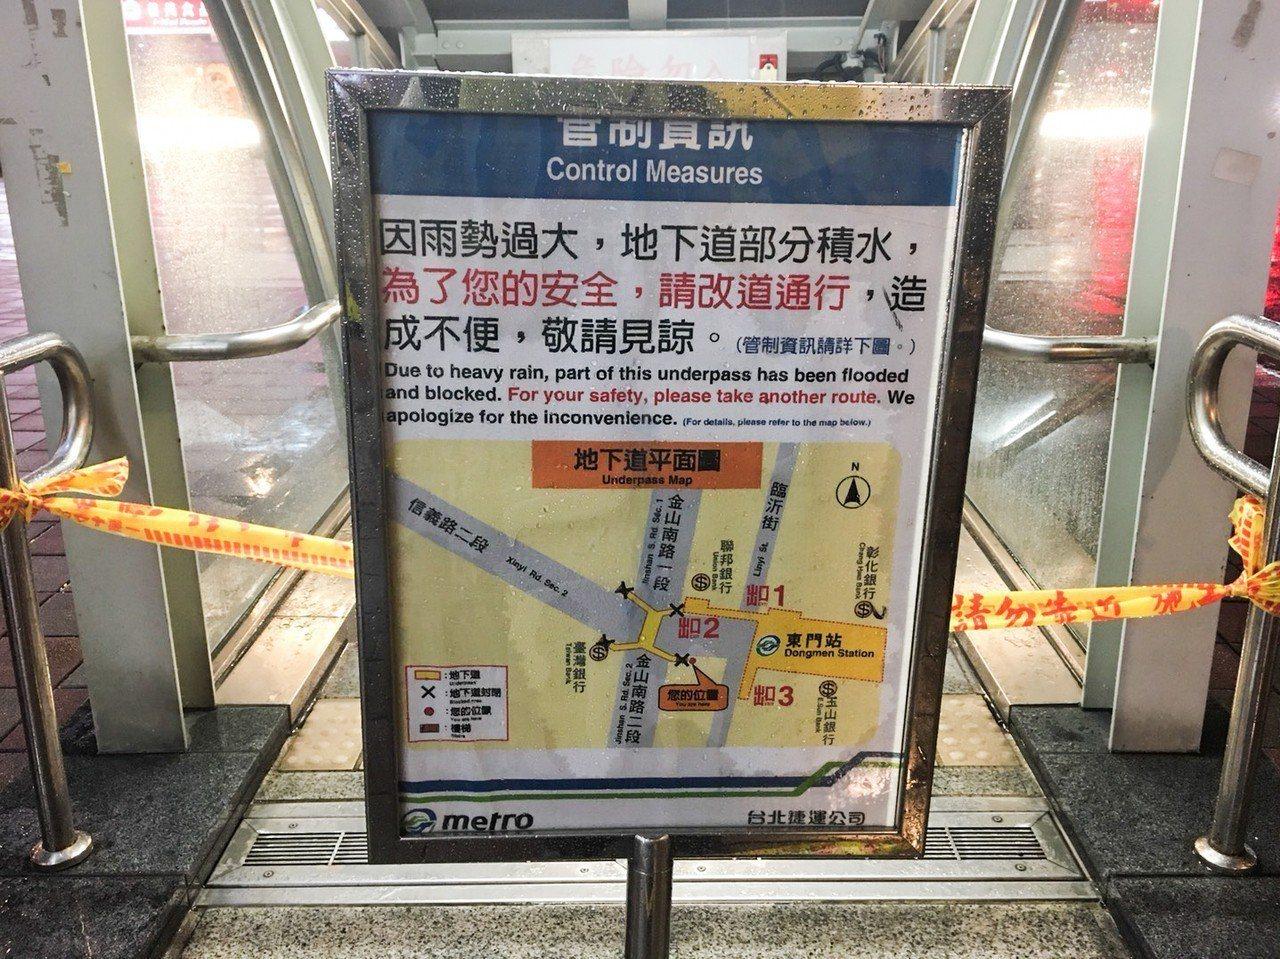 台北市今(8)日受大雨襲擊,信義路、金山南路口一地下道下午5時許因雨淹水封閉,雖...